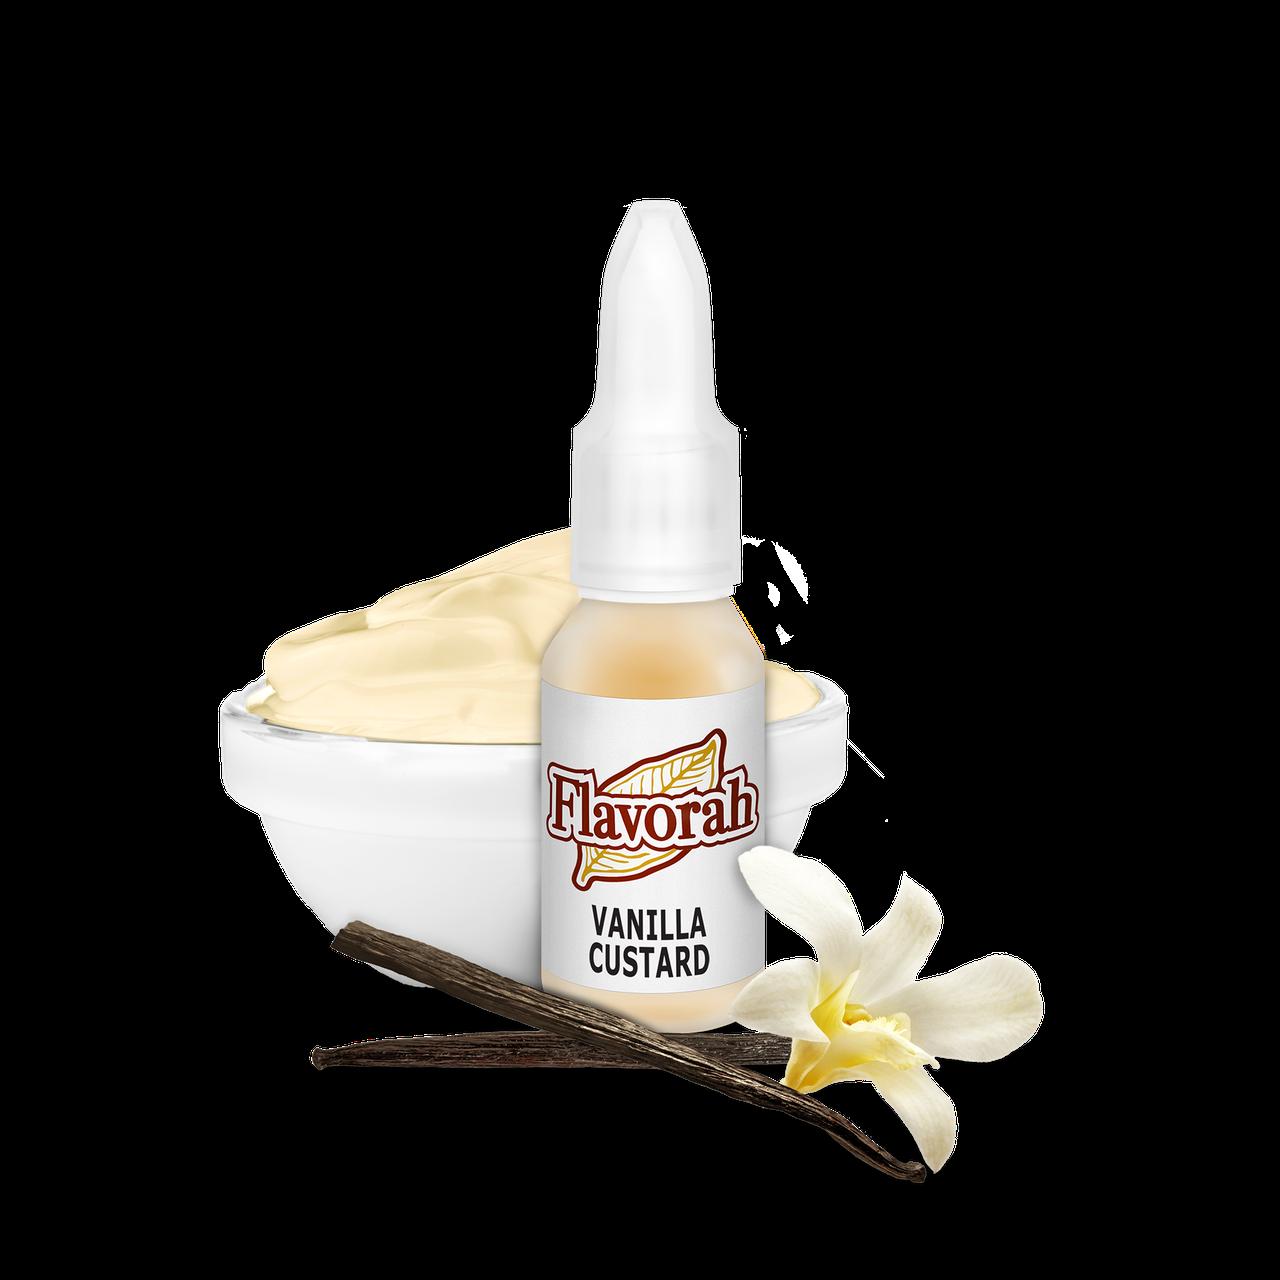 Ароматизатор Flavorah - Vanilla Pudding (Ванільний пудинг), 15 мл